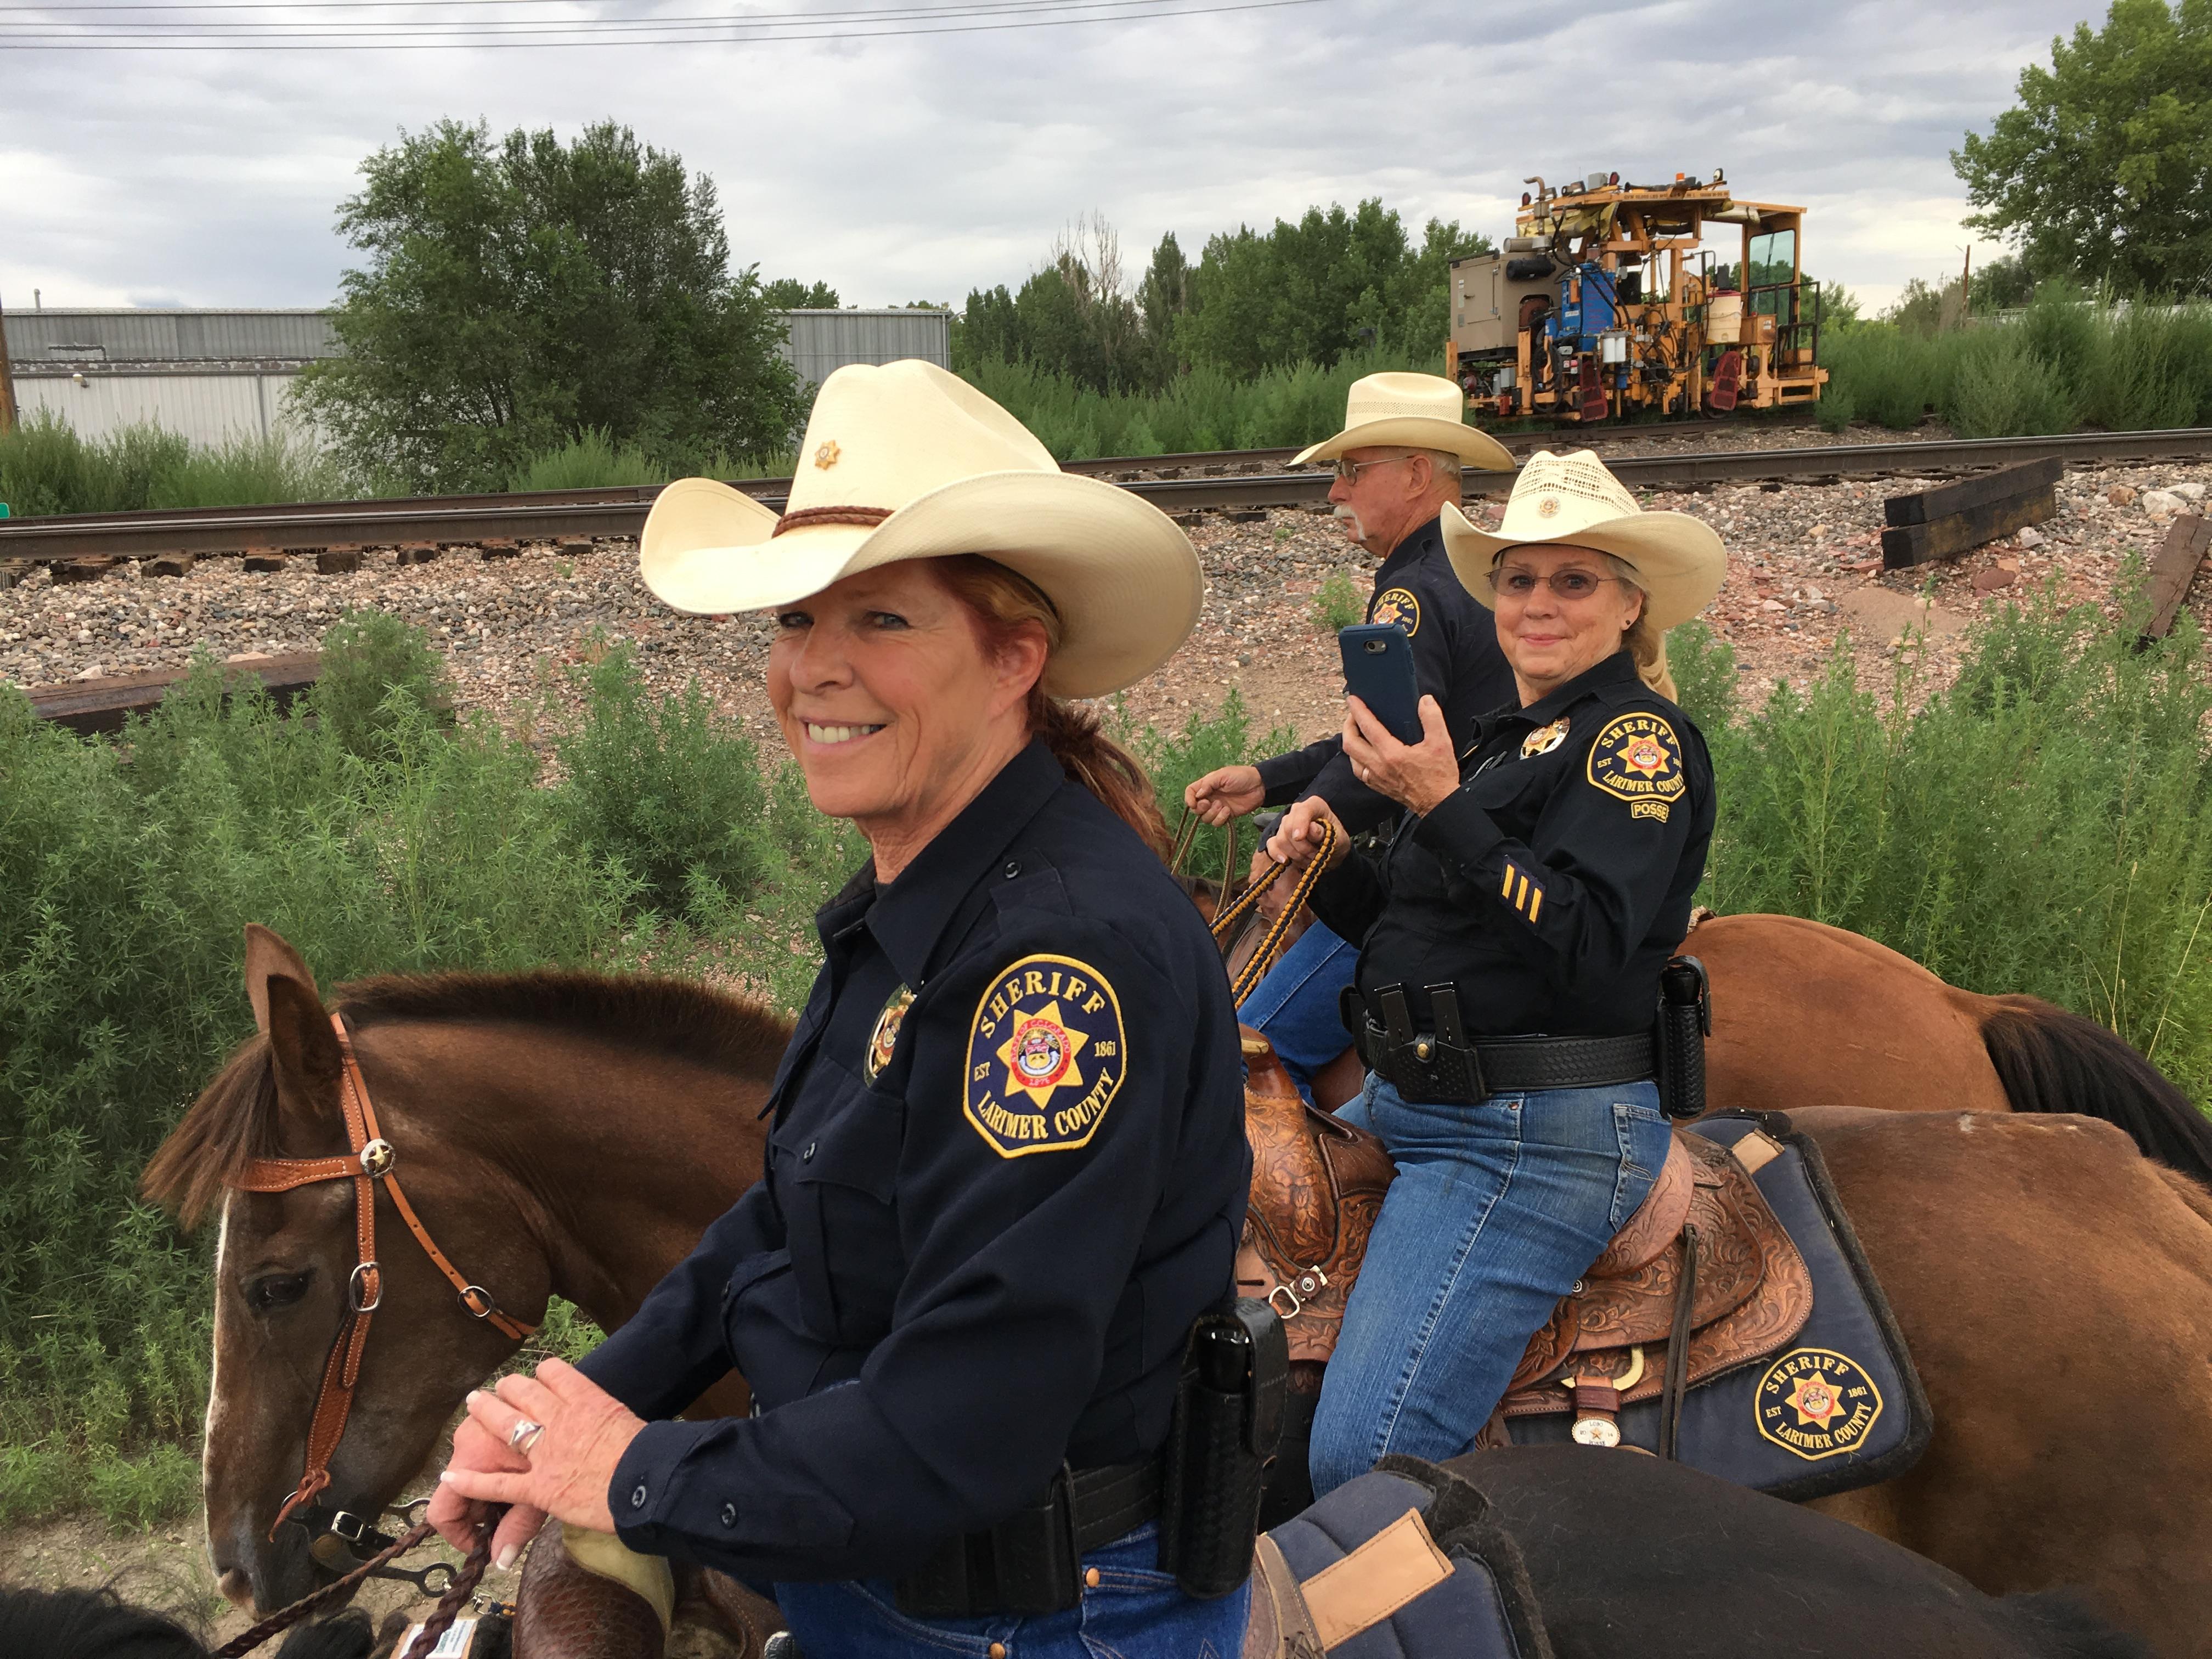 Imagen 3: Posse del Sheriff